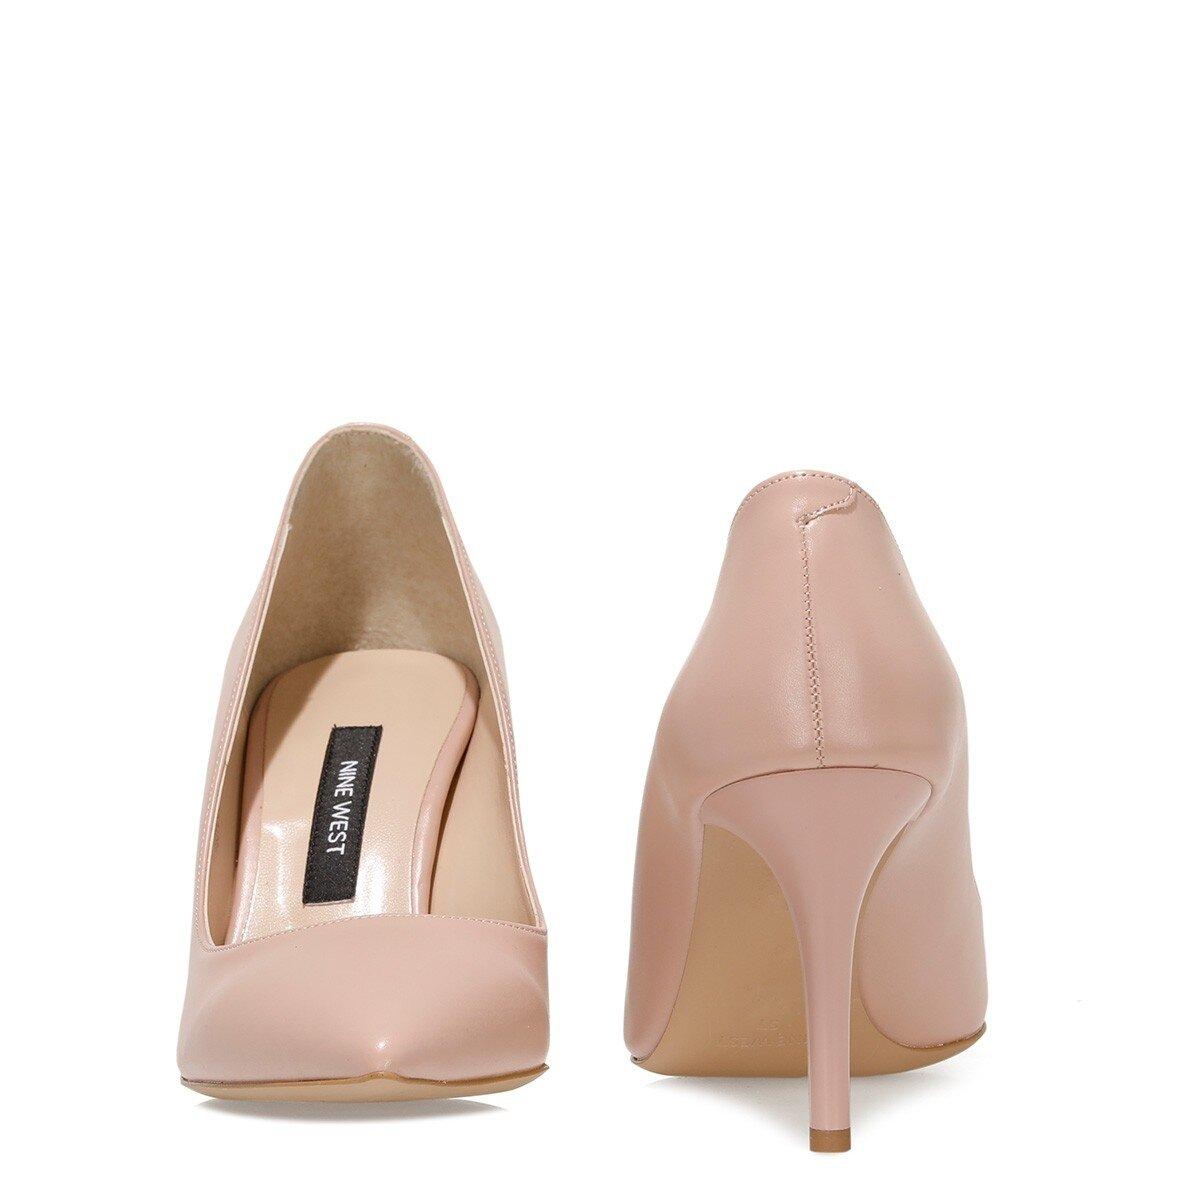 SUNNDAY 1FX Pudra Kadın Gova Ayakkabı